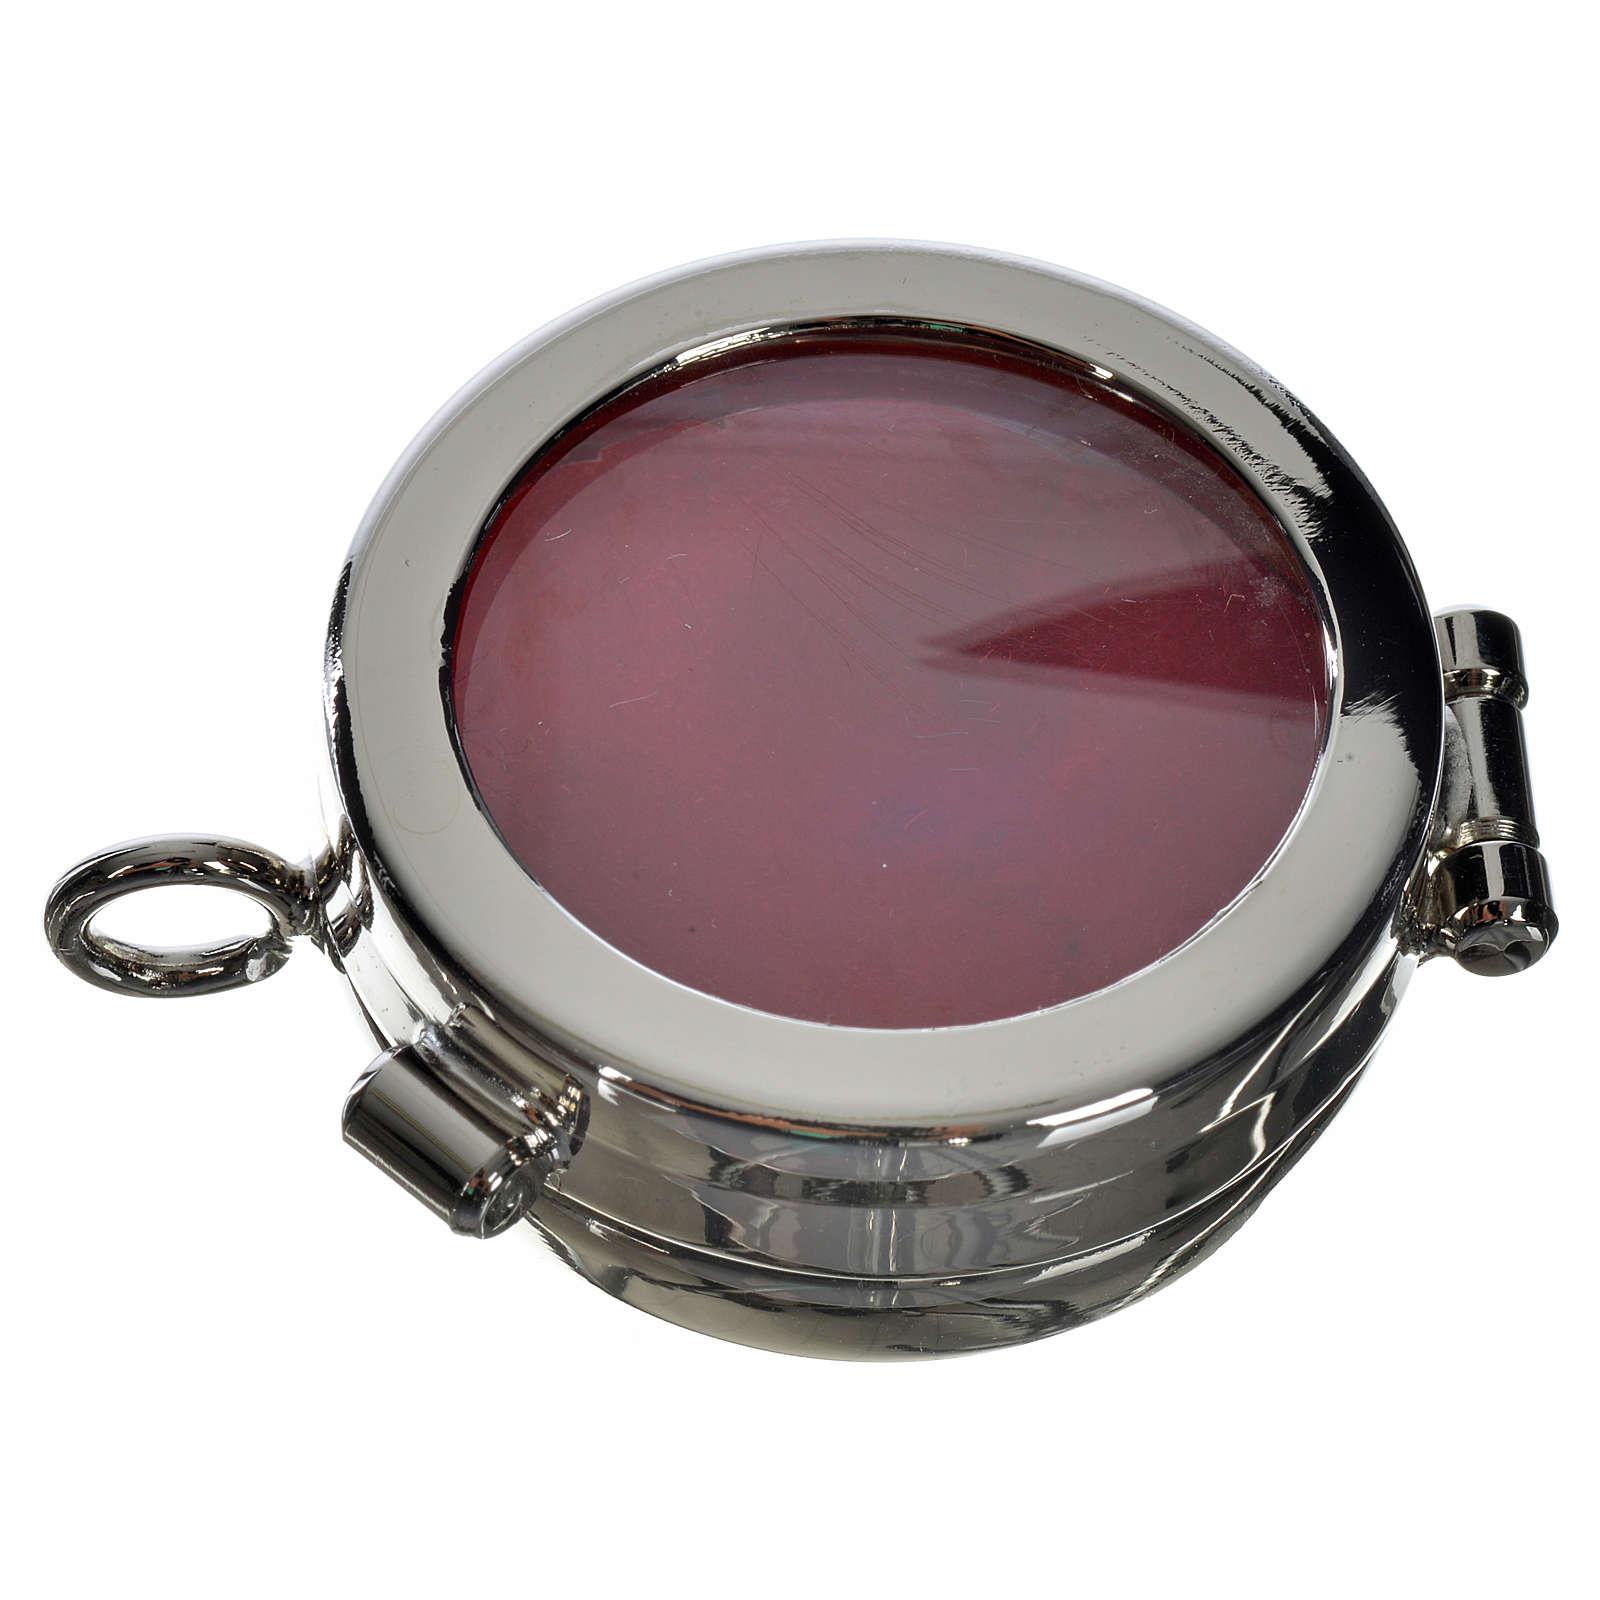 Reliquiario ottone argentato diam. 3,5 cm 4